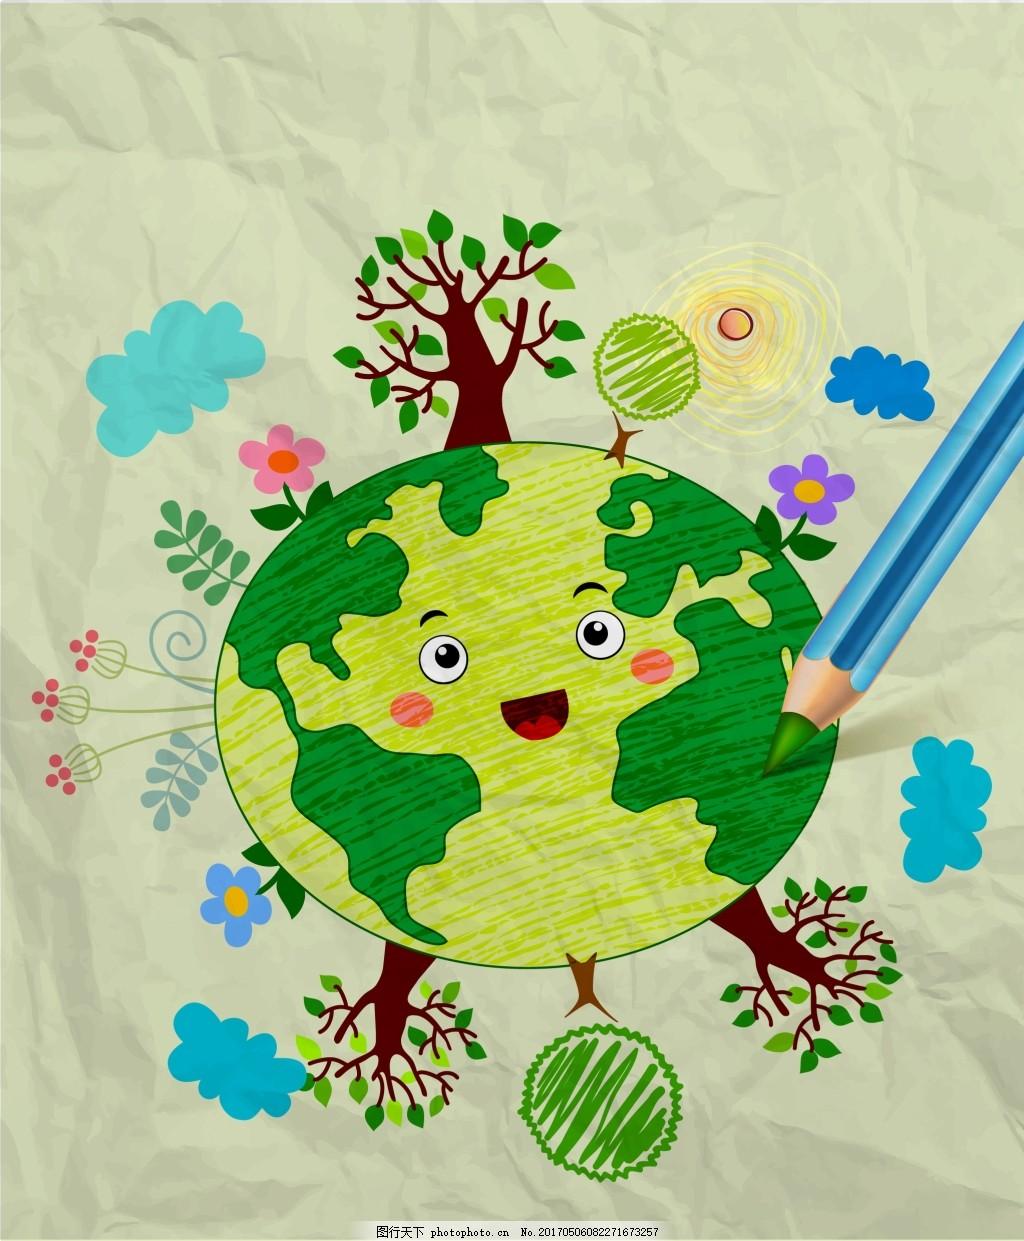 绿色 环保 手绘插画 地球 爱护地球 树木 铅笔 手绘植物 花卉花朵